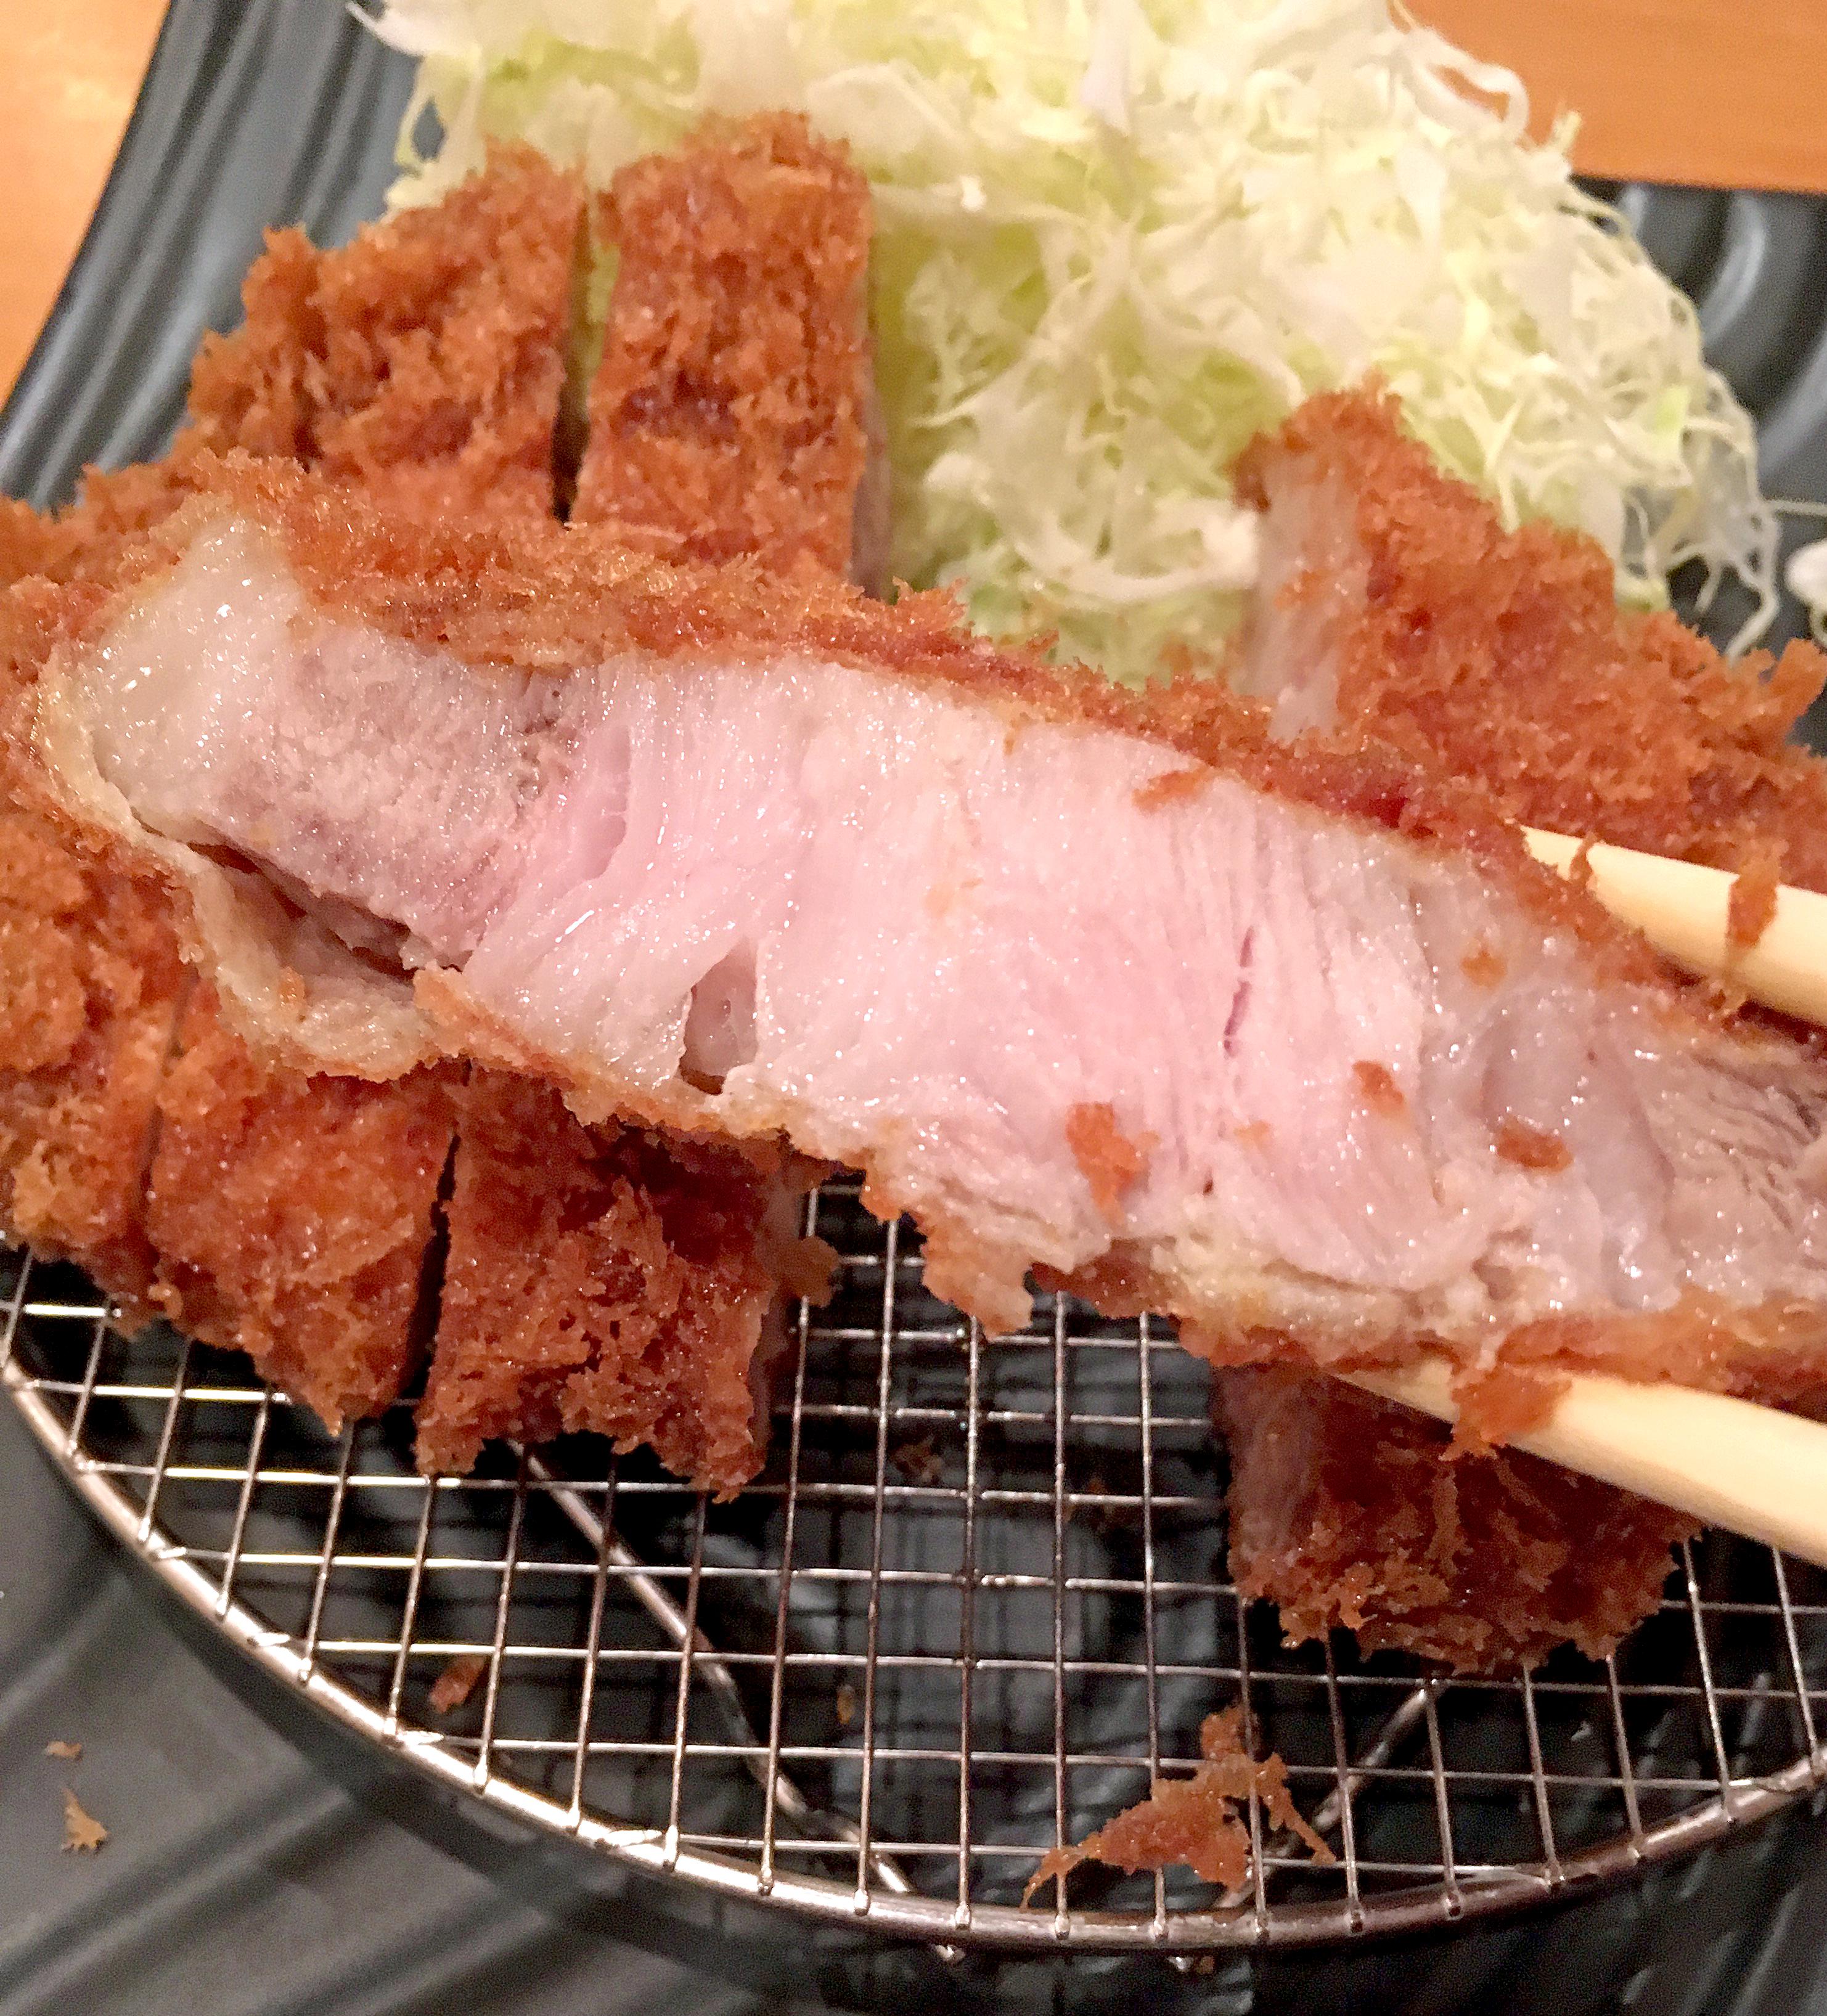 hasegawa7